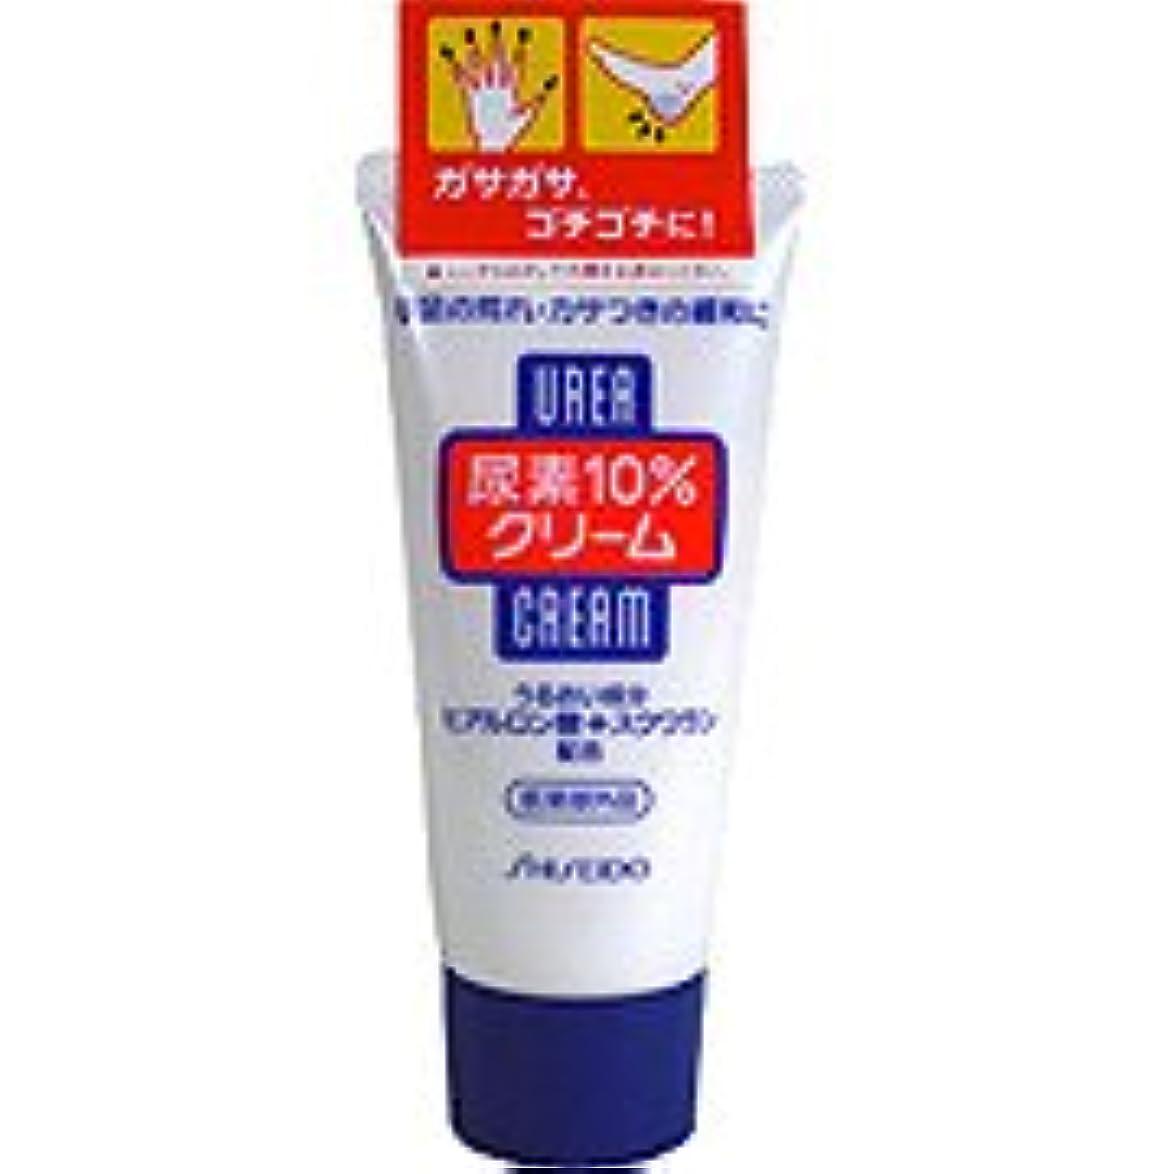 伝説素人ブリーク尿素10% クリームチューブ [ヘルスケア&ケア用品]